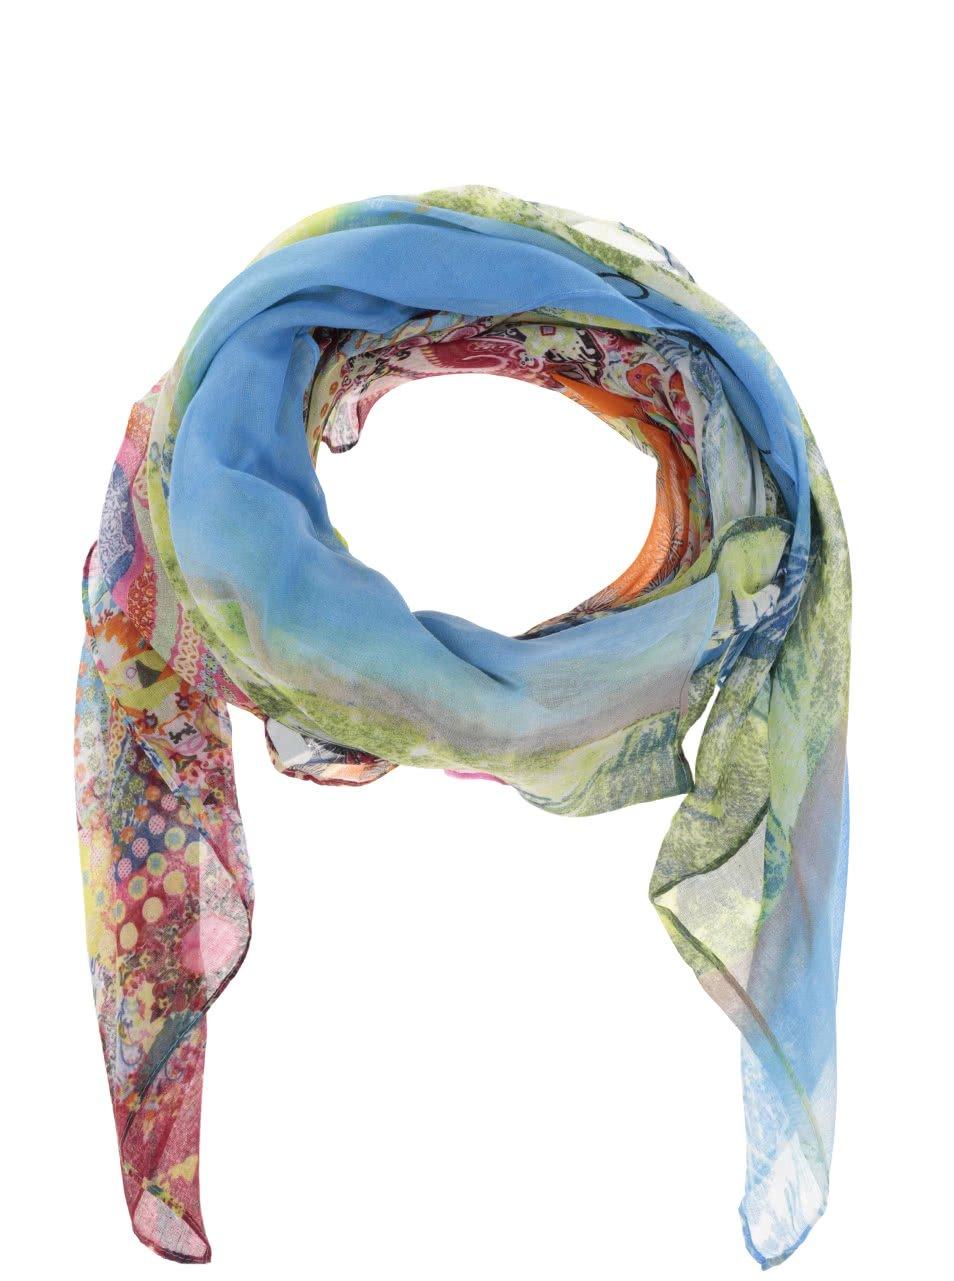 Oranžovo-zelený šátek Desigual Rectangle